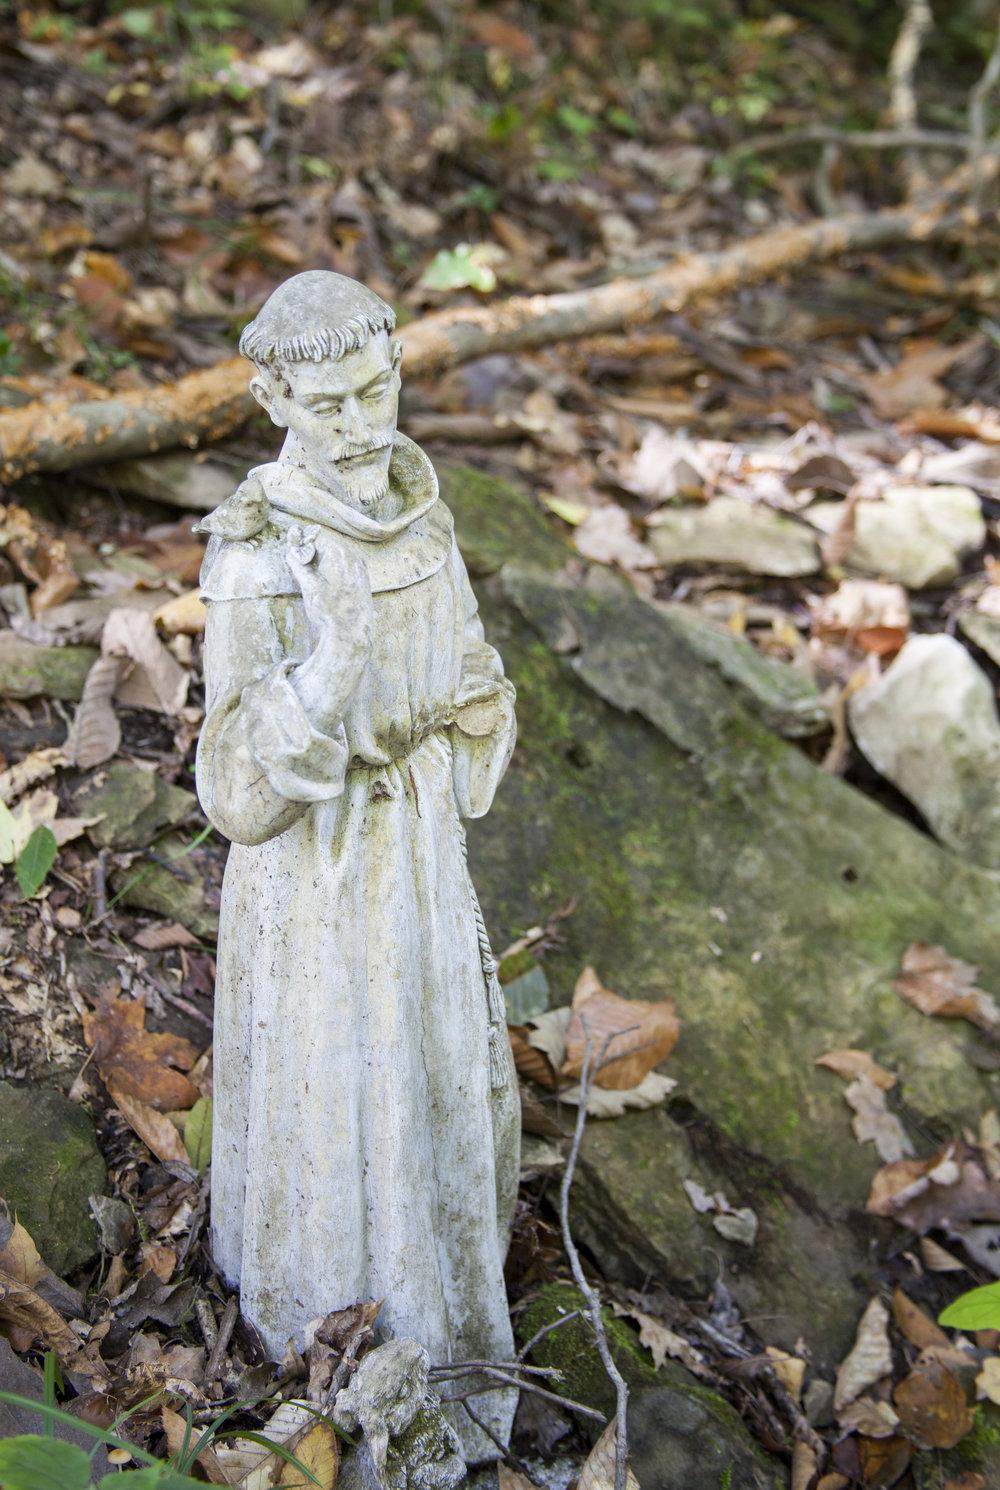 Saint Francis St. Francis garden statue